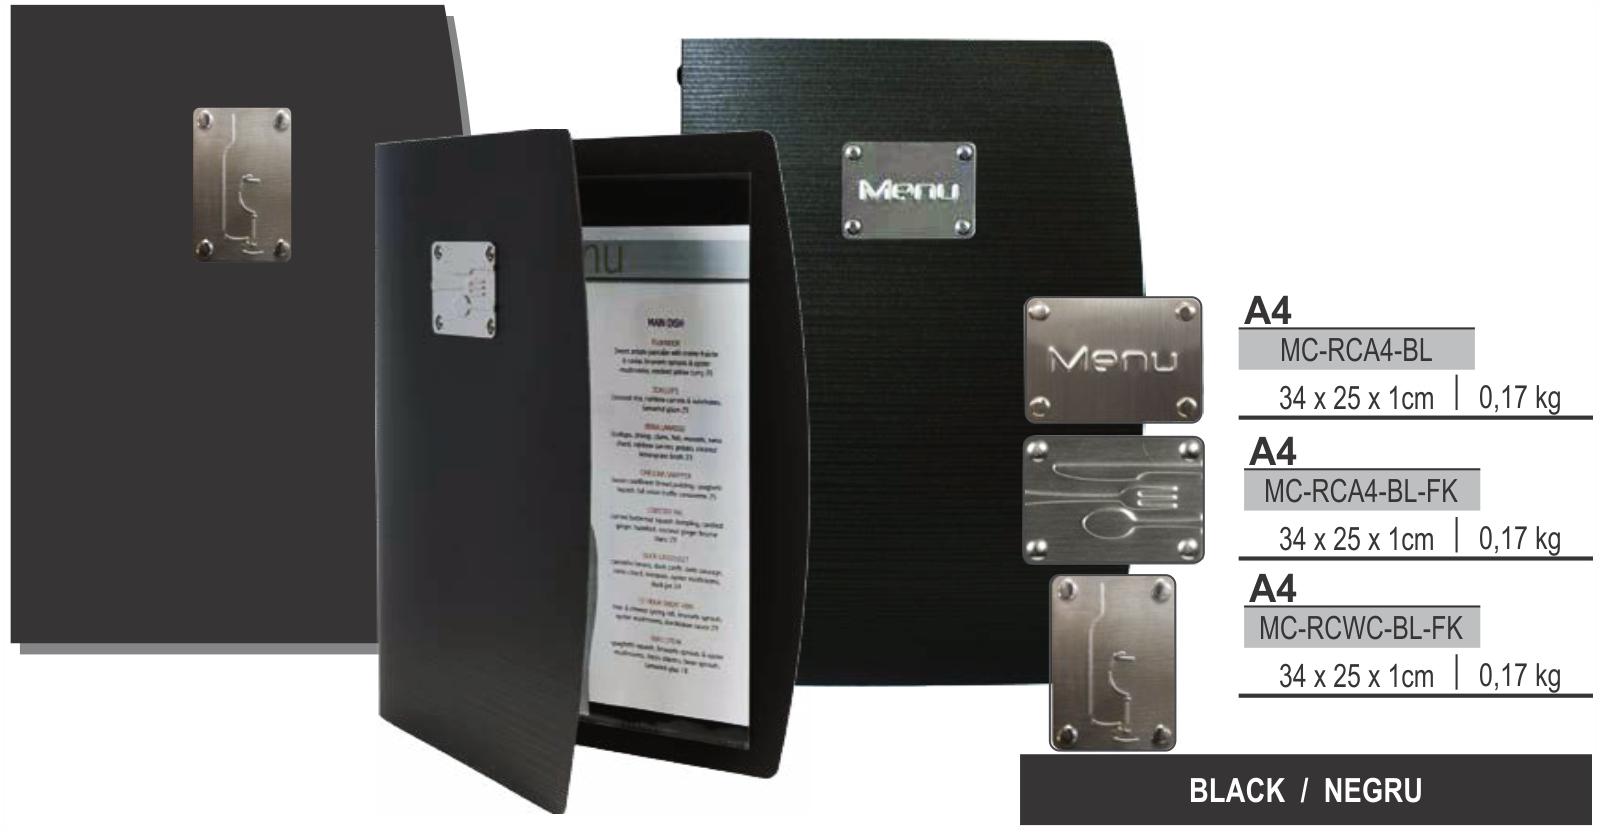 Descriere Coperta meniu, A4, negru, SECURIT Rio Collection